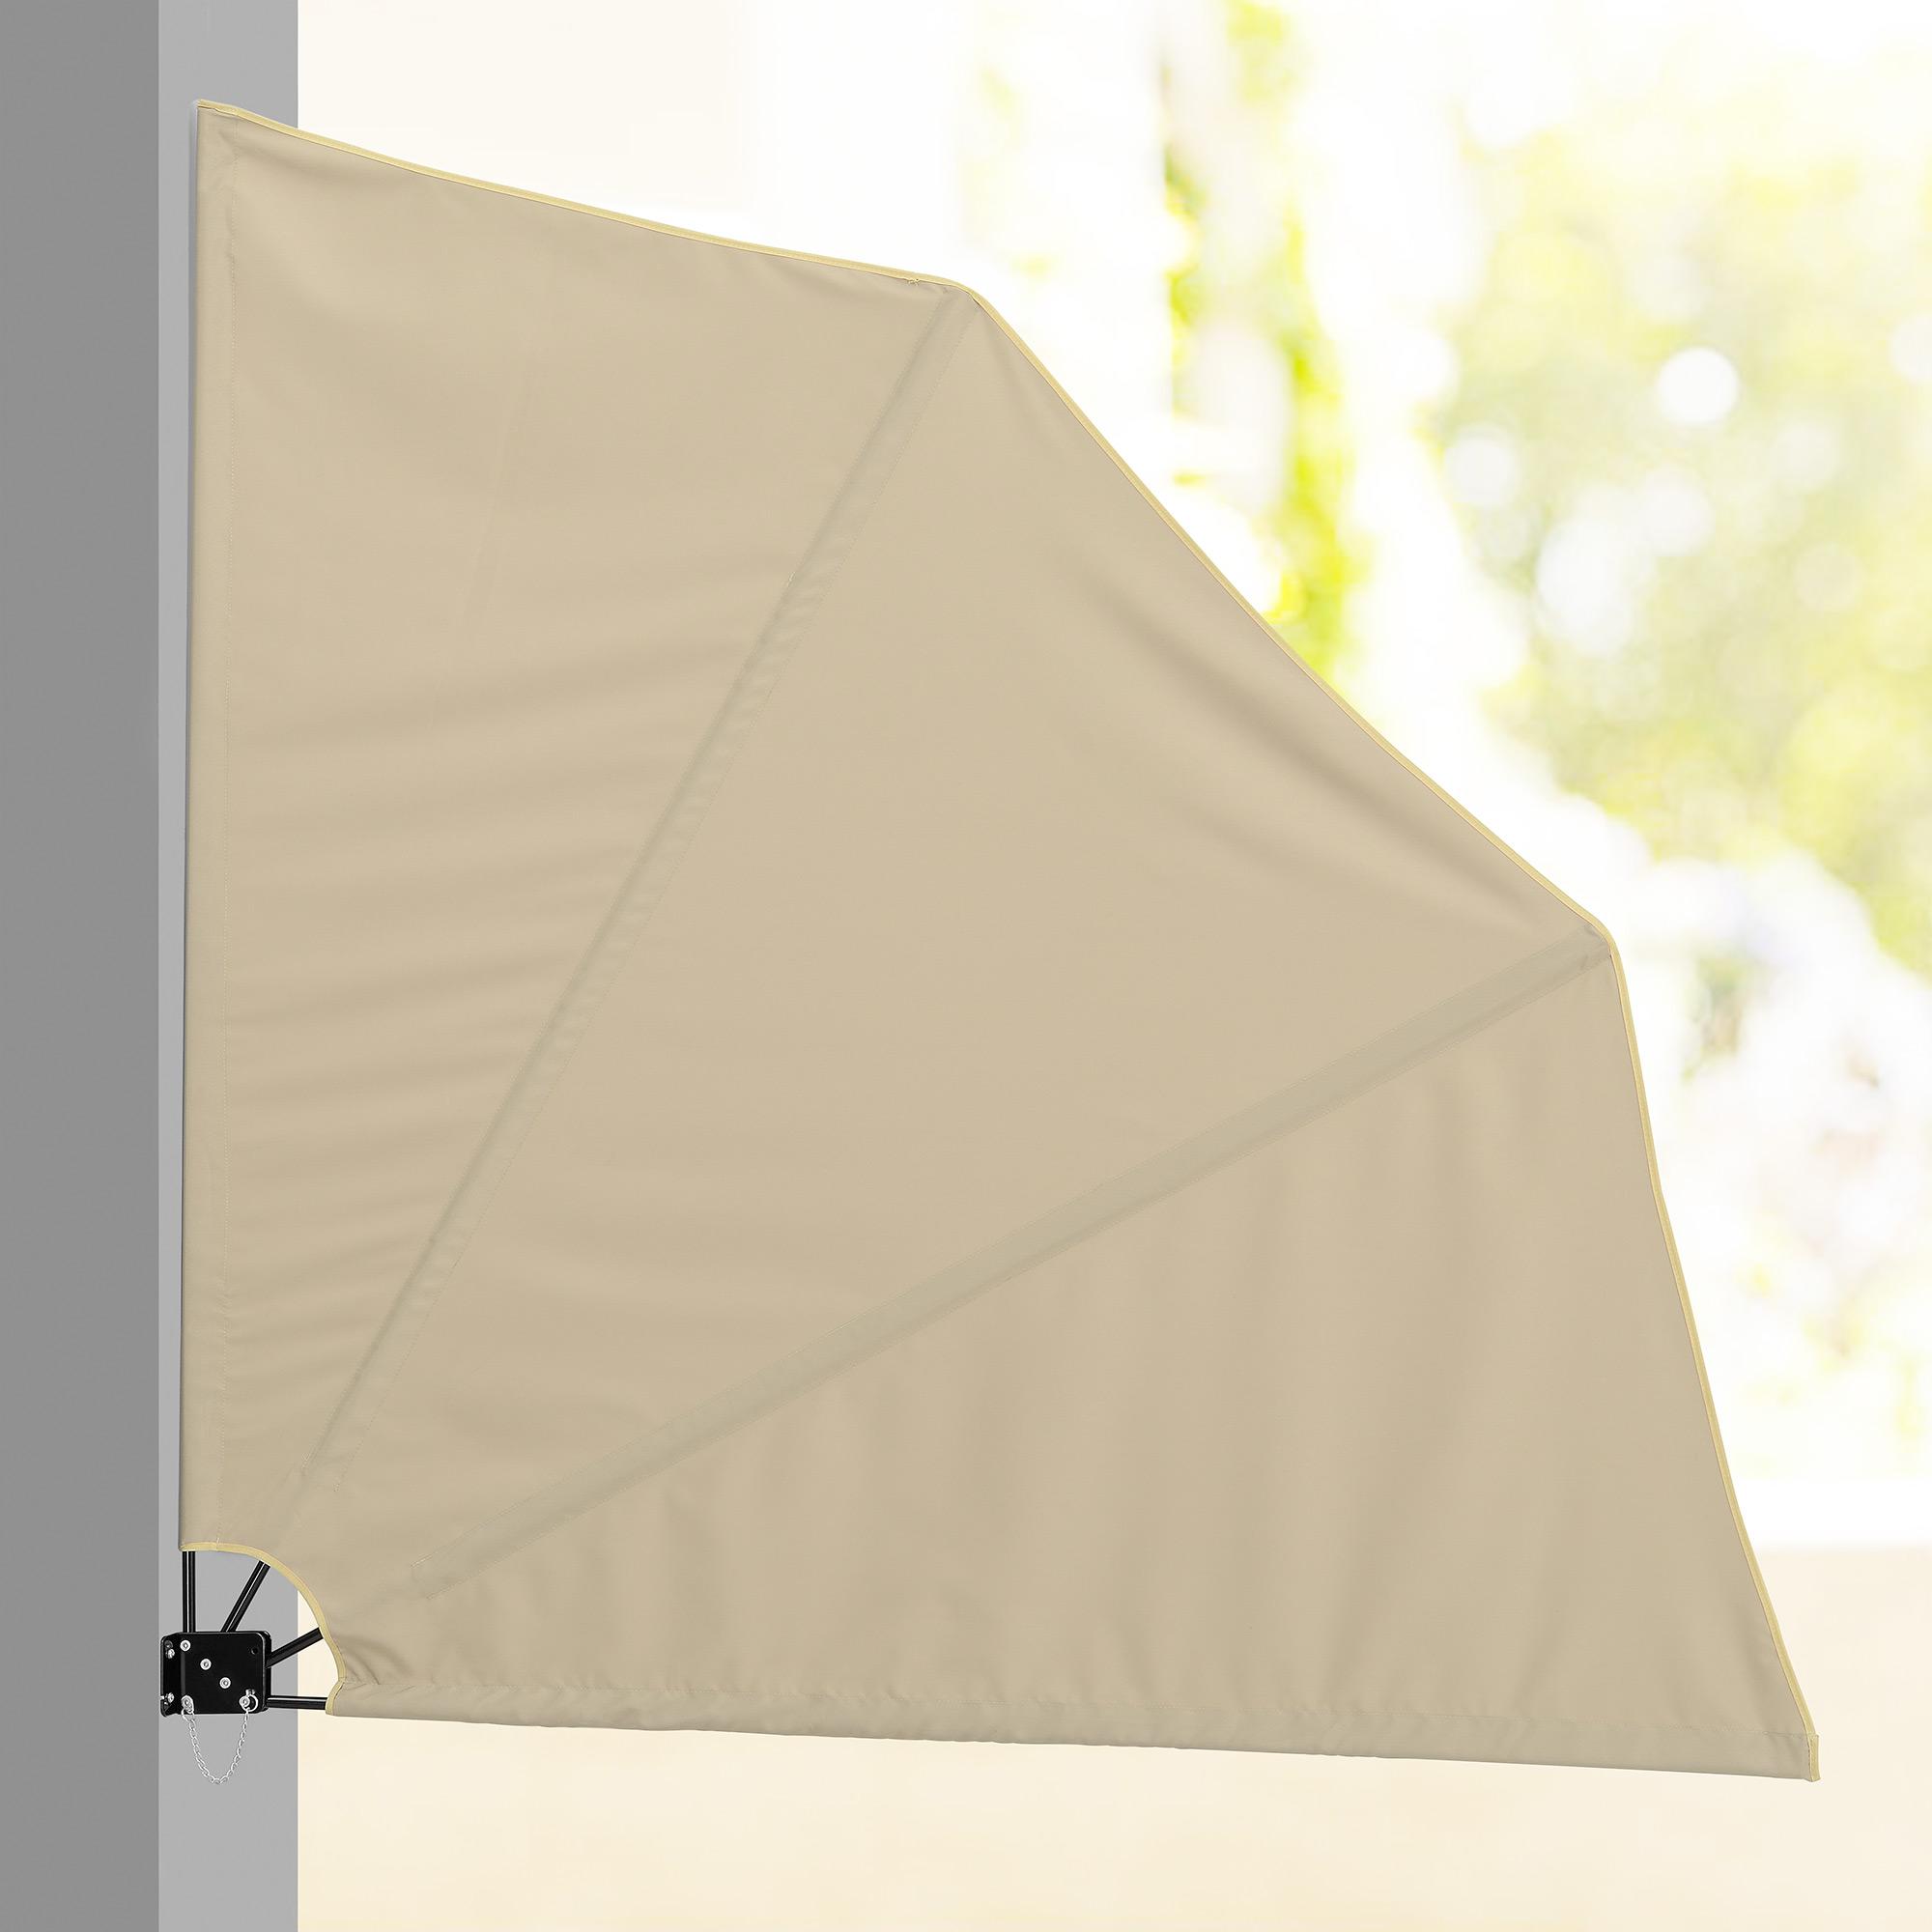 balkonf cher sichtschutz grau beige markise balkon sonnen wind schutz ebay. Black Bedroom Furniture Sets. Home Design Ideas